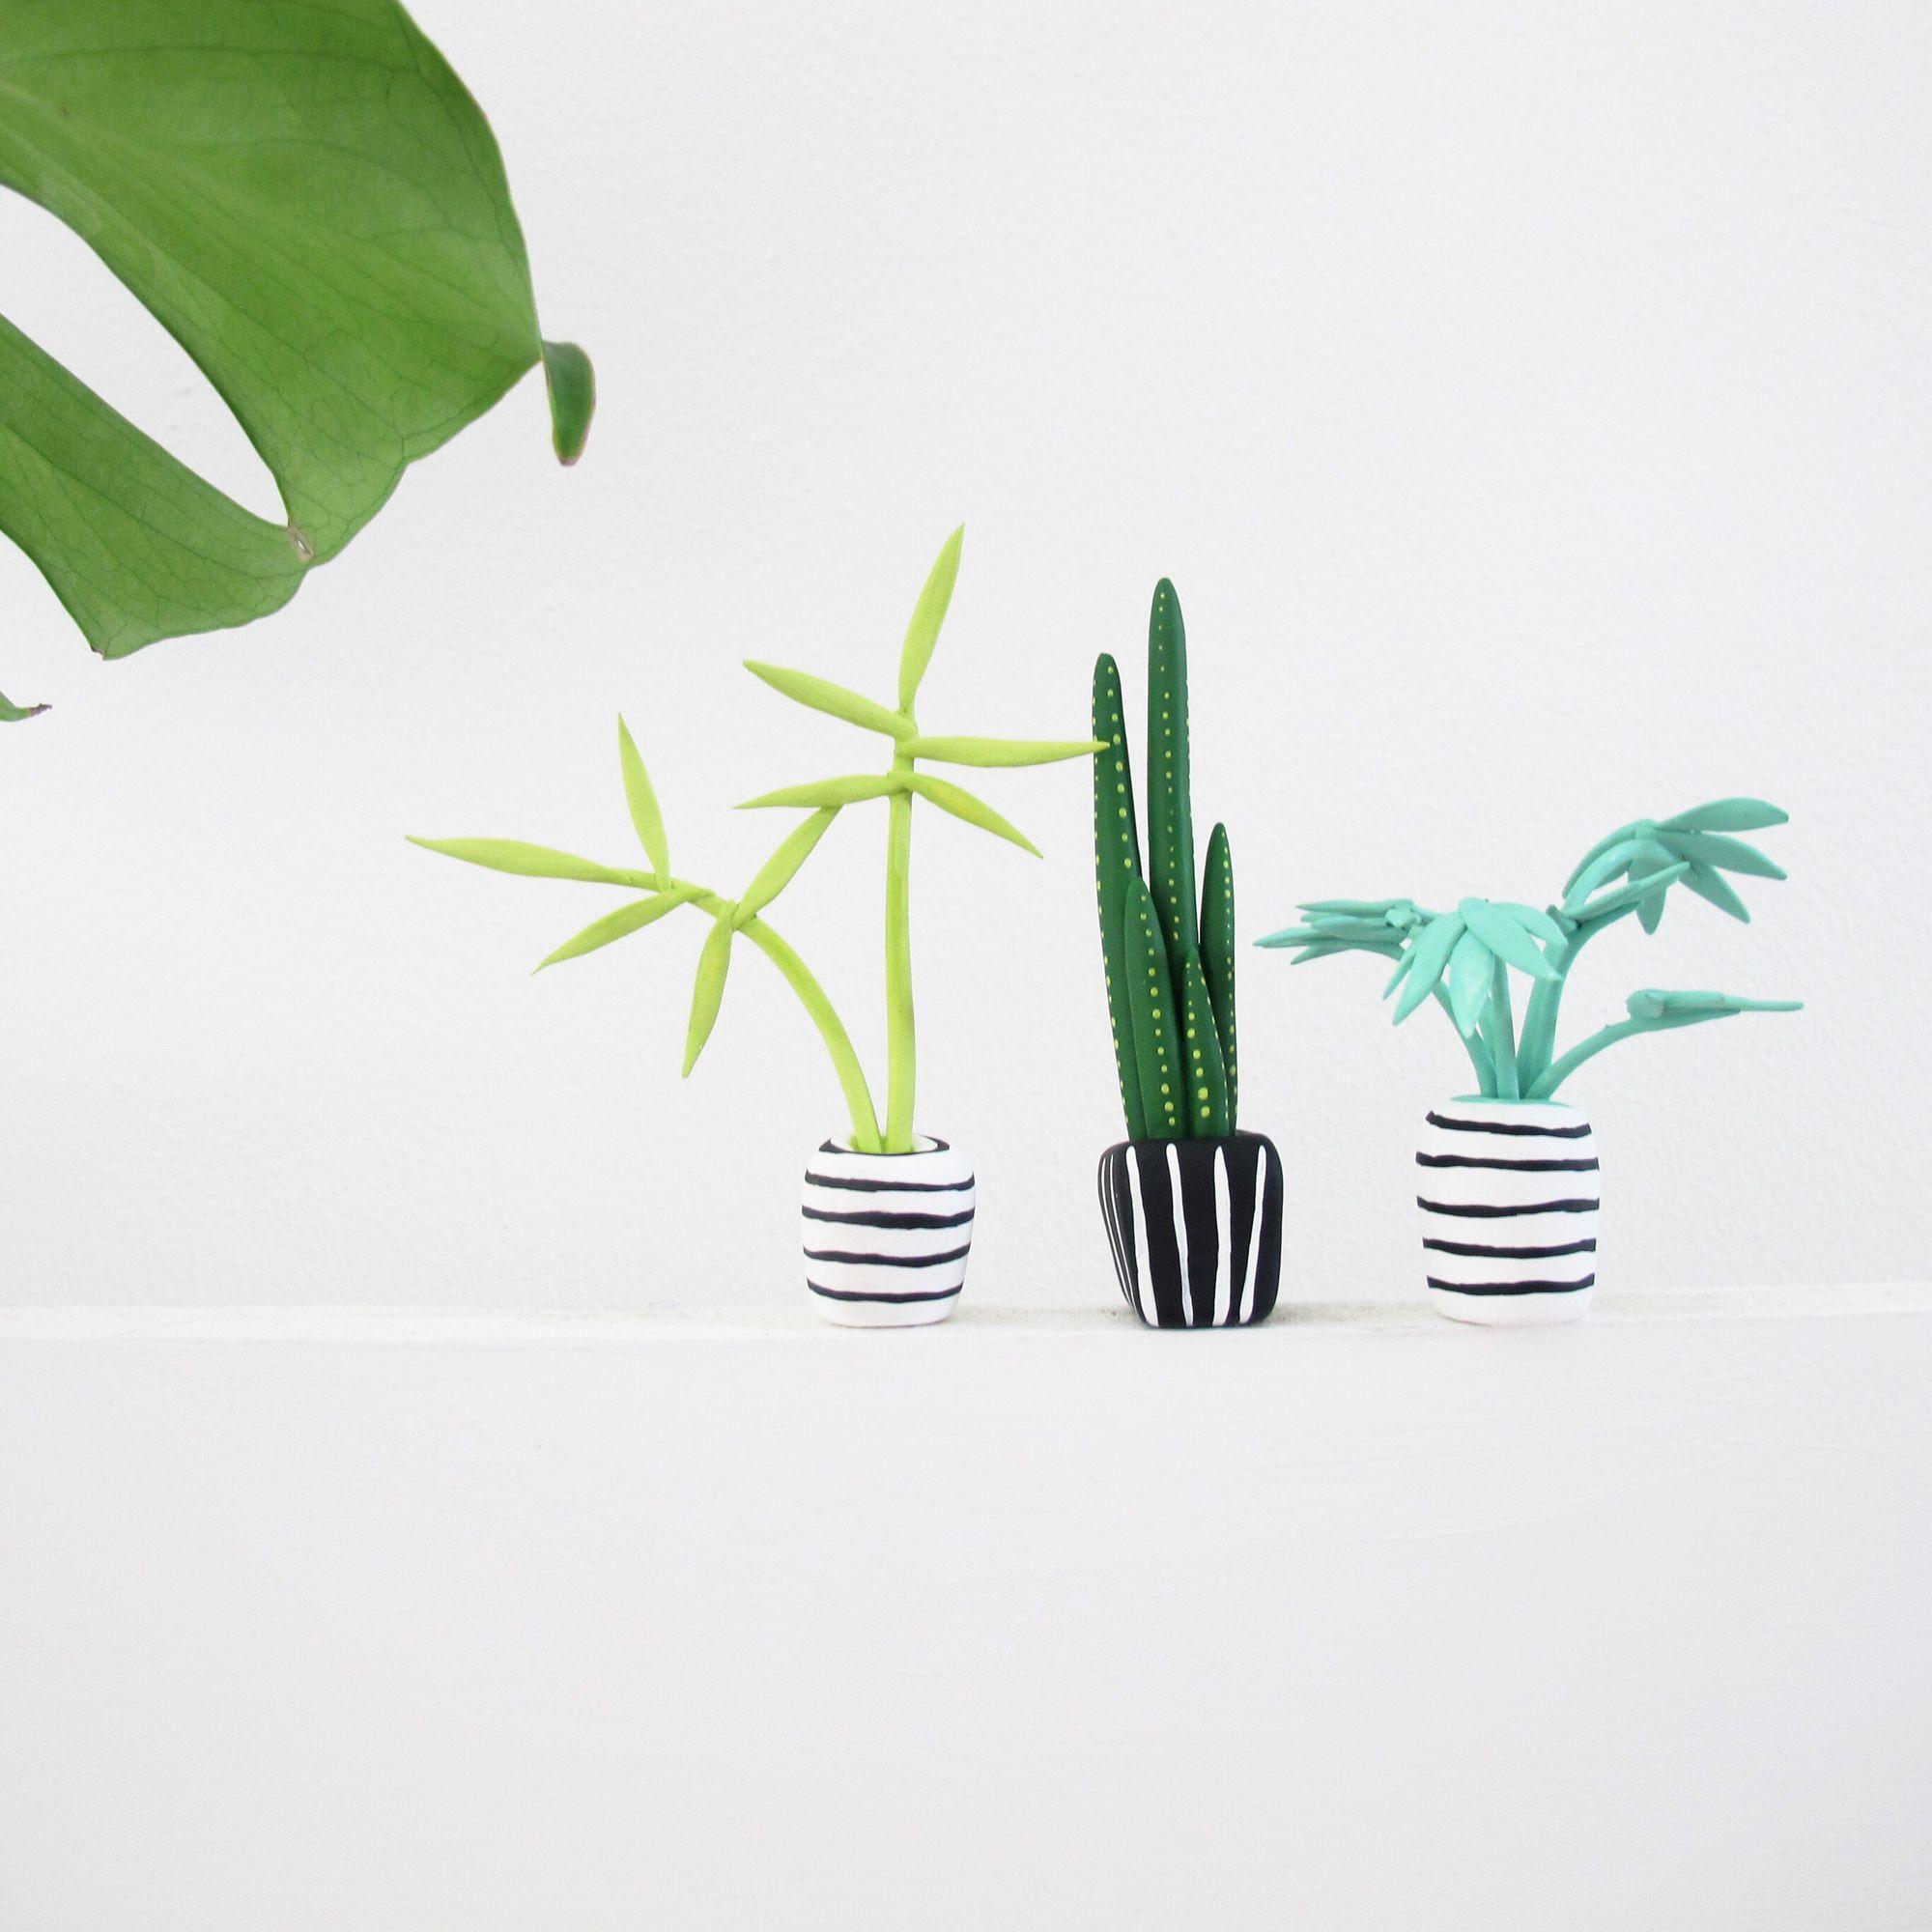 Необычные растения из полимерной глины - Фото 2